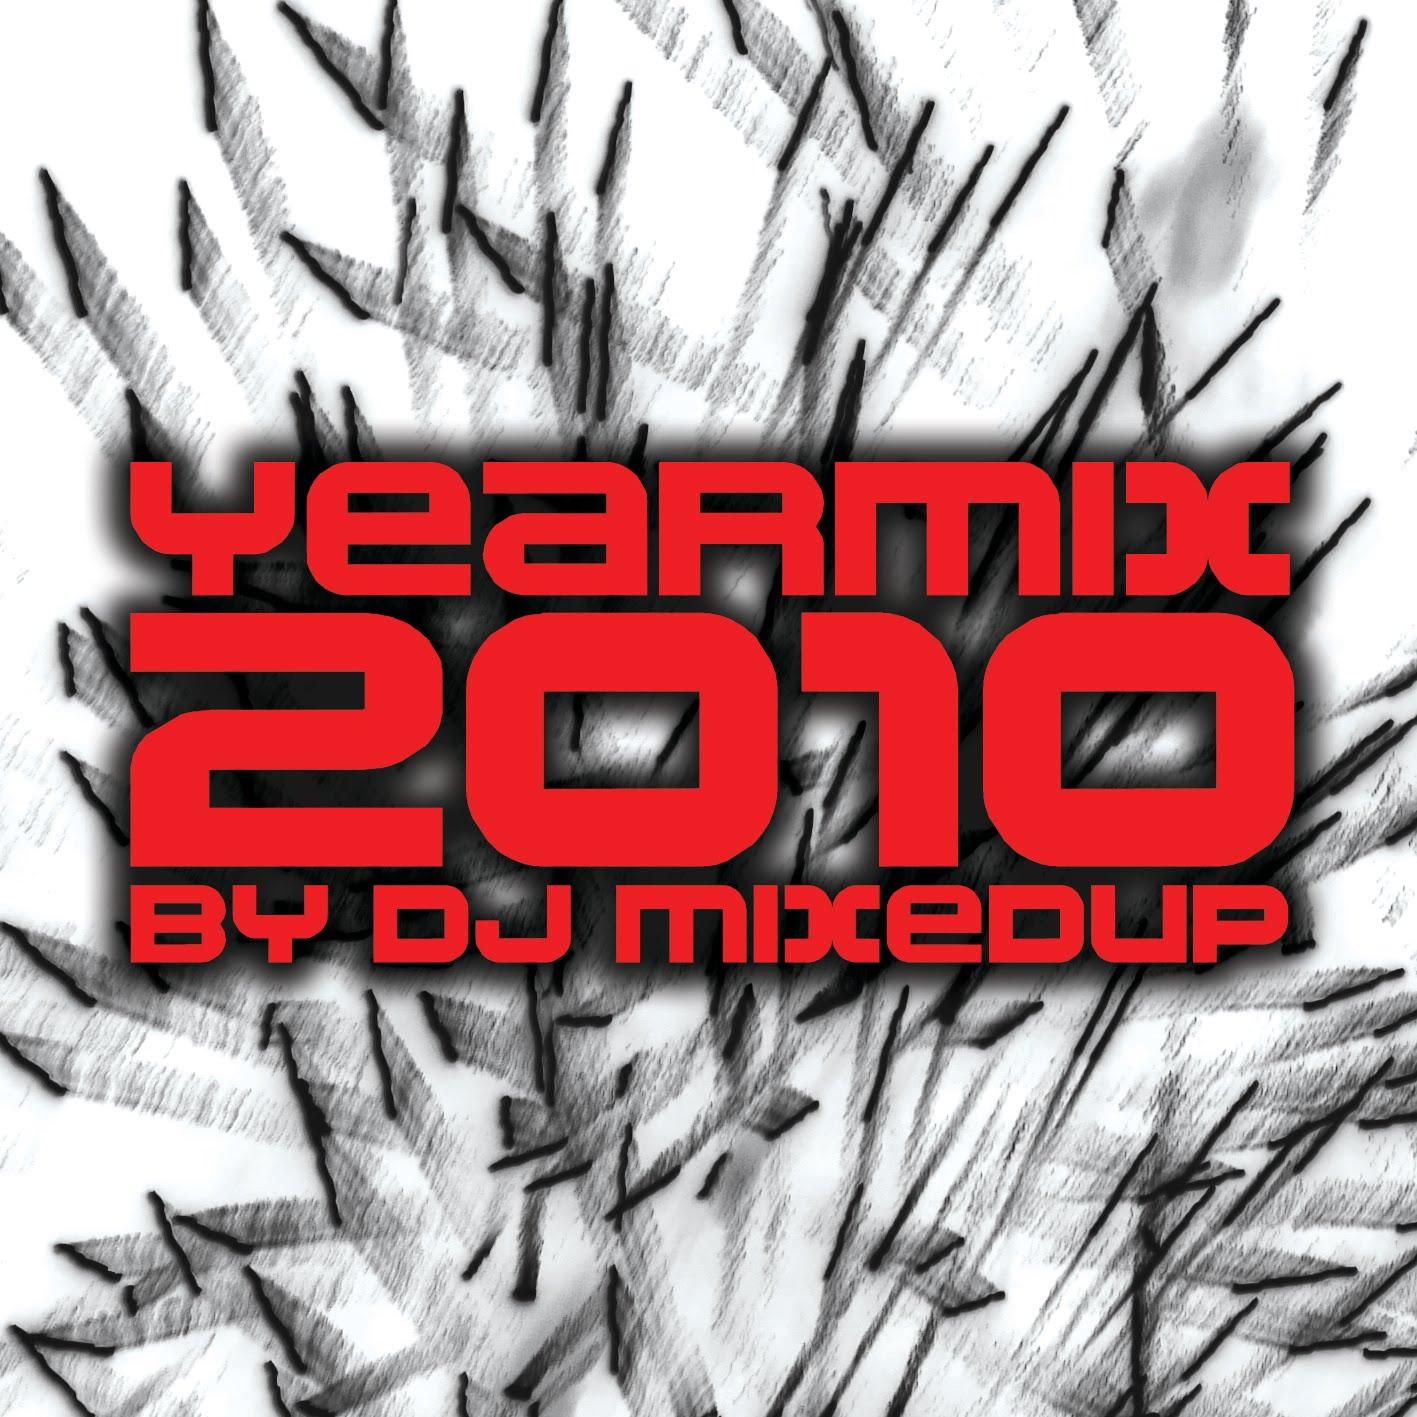 http://2.bp.blogspot.com/_uO4Shjme1i0/TRXw_H_GXtI/AAAAAAAATjg/xNJC_mvaB9k/s1600/dj_mixedup_-_yearmix_2010-front.jpg